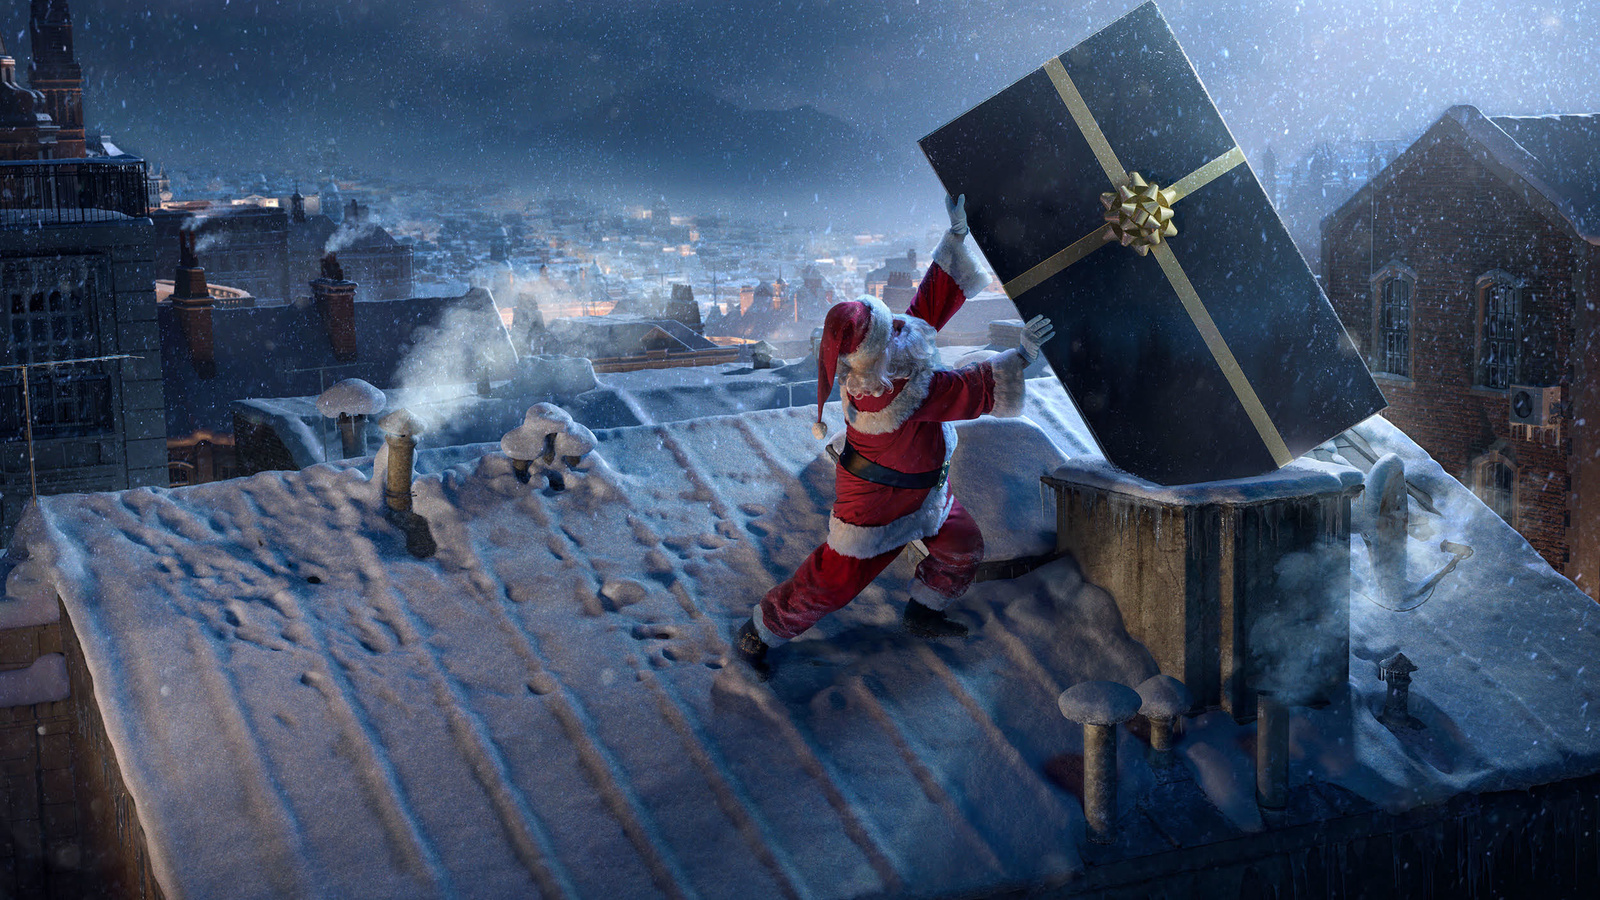 дед мороз, подарок, доставка, креатив